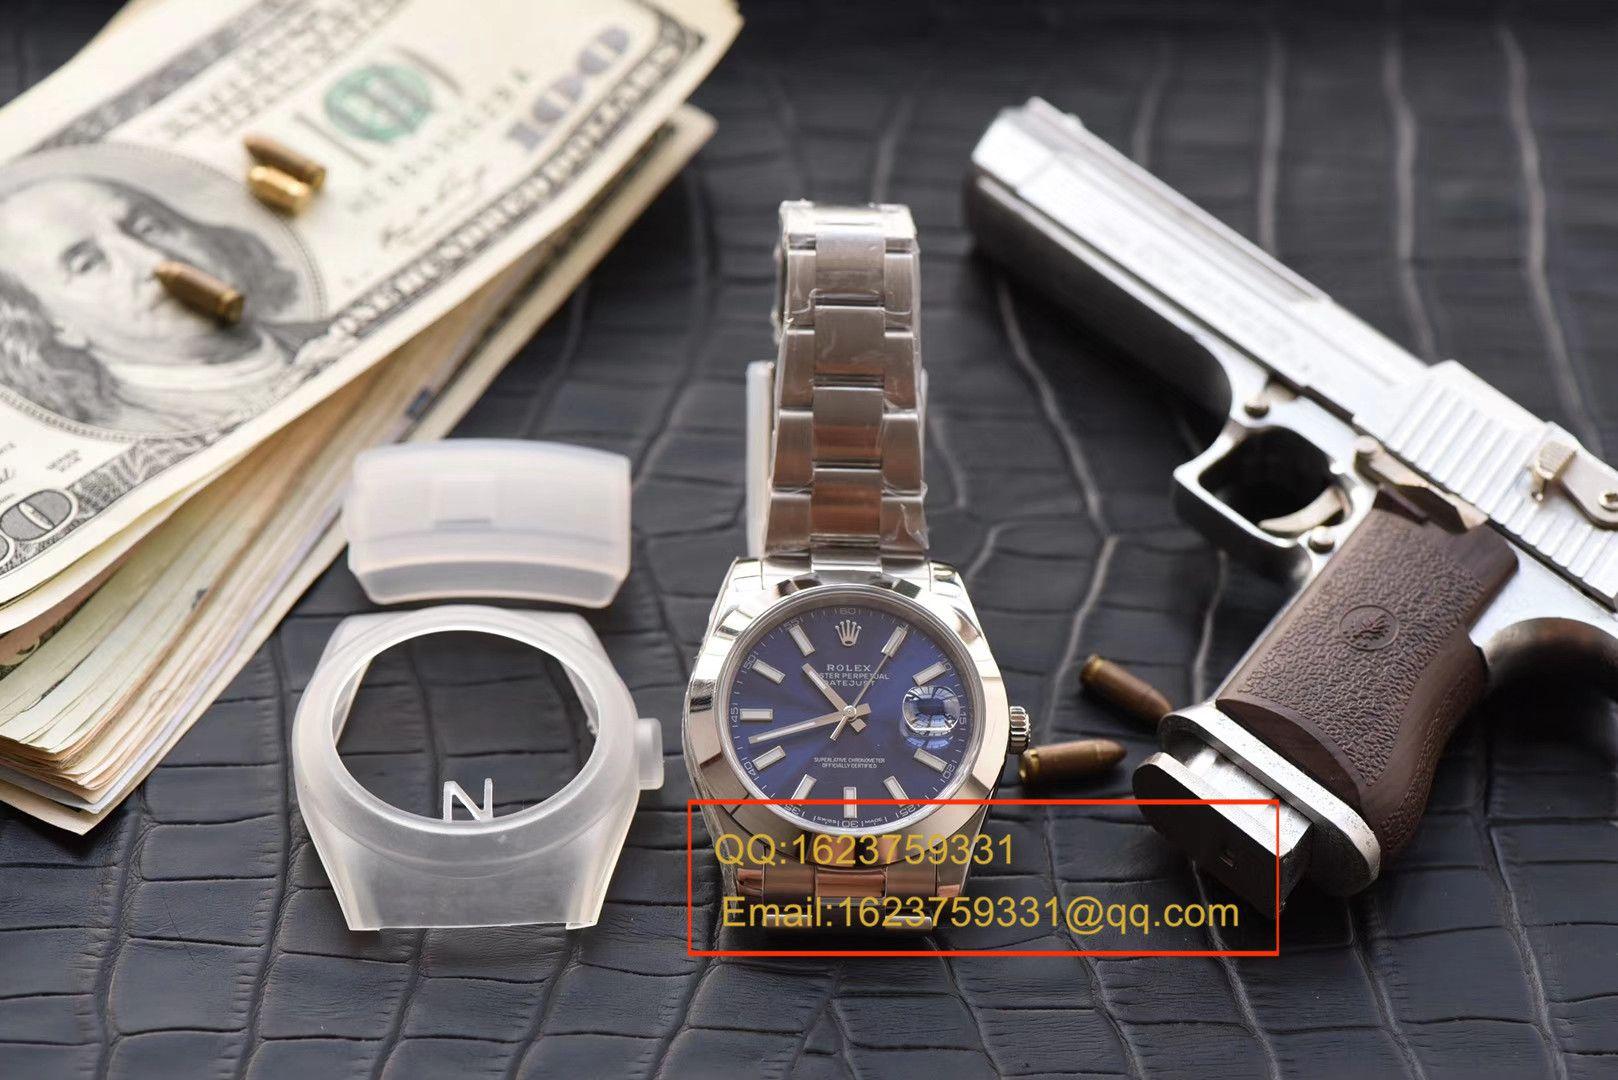 【视频评测N厂一比一超A高仿手表】劳力士日志型系列116300蓝盘腕表 / RBD187